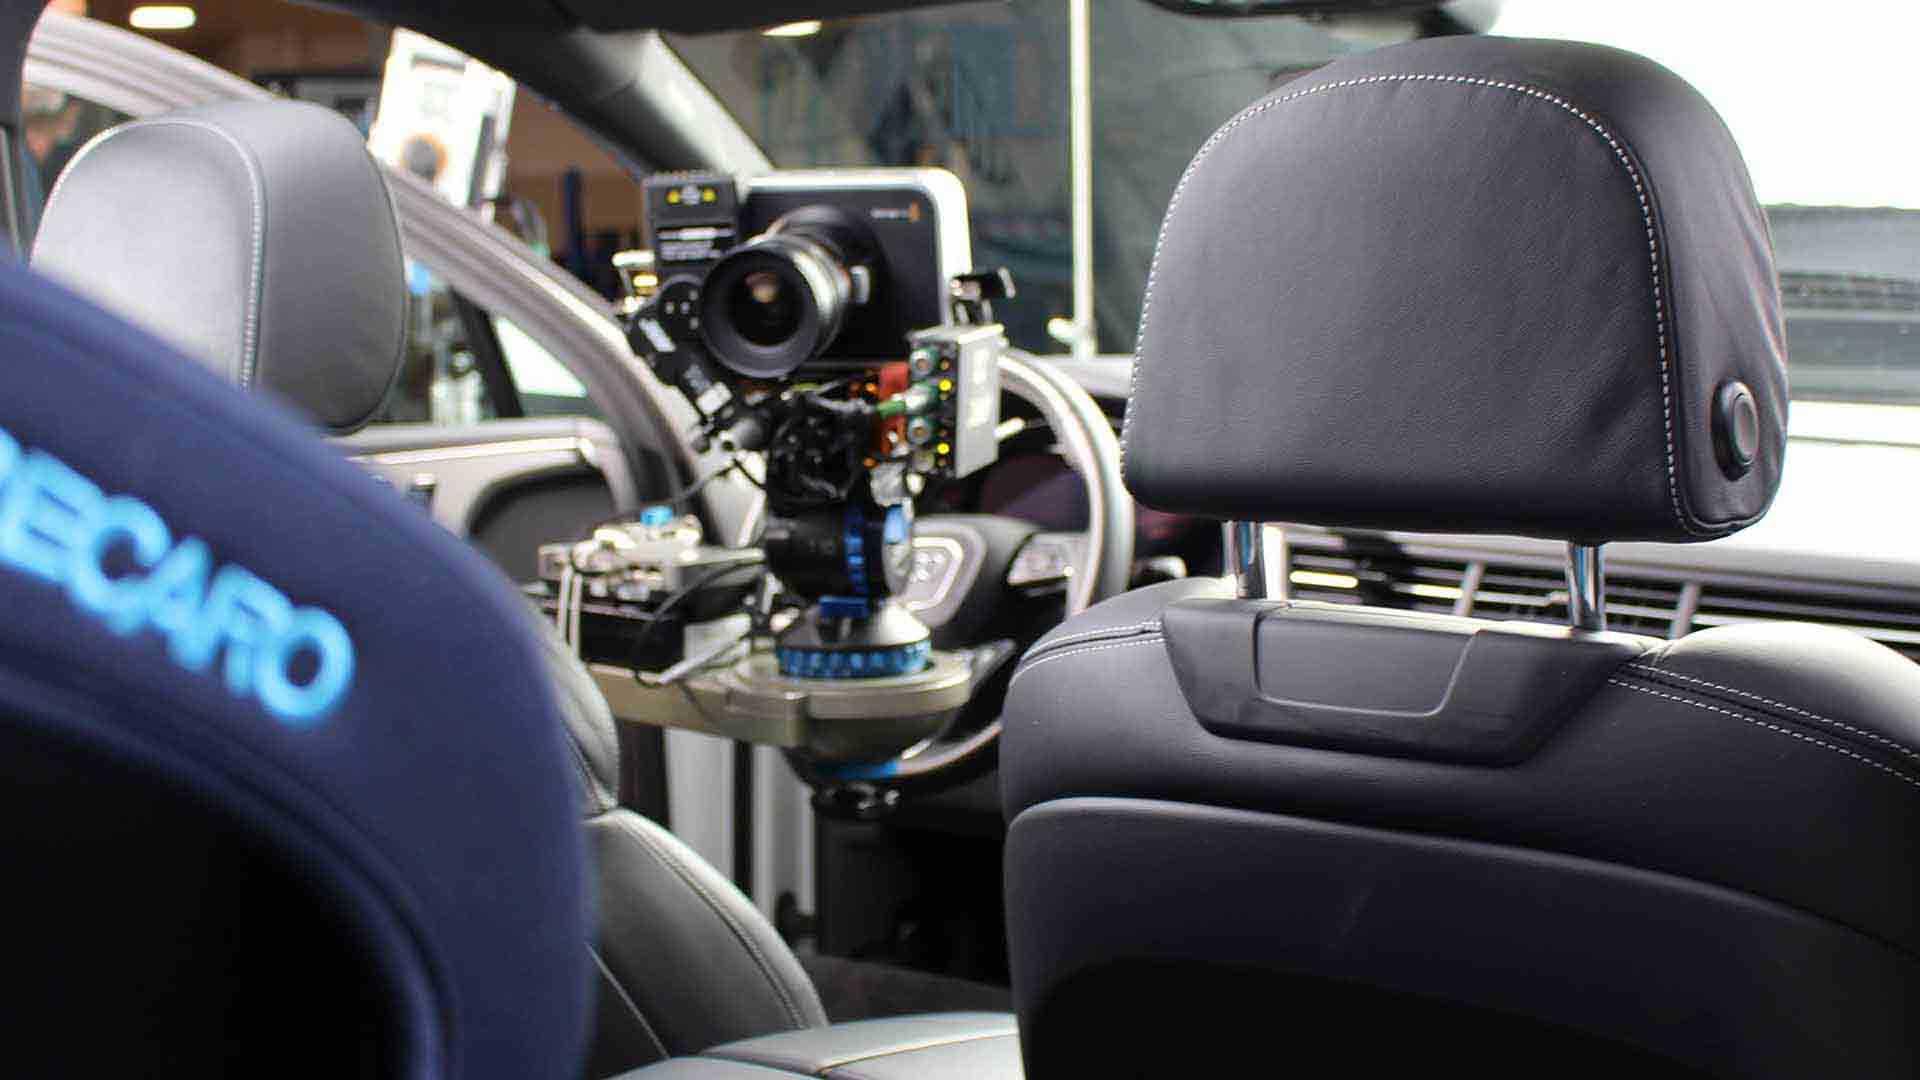 Das Bild zeigt eine Kamera, die an einem Lenkrad in einem Auto befestigt wurde. Diese filmt einen Kindersitz, der auf der Rückbank zu sehen ist. Das Logo Recaro verrät seine Herkunft. Das Bild dient als Sliderbild für den Portfolioeintrag RECARO Child Safety – Einbaufilme von Panda Pictures.